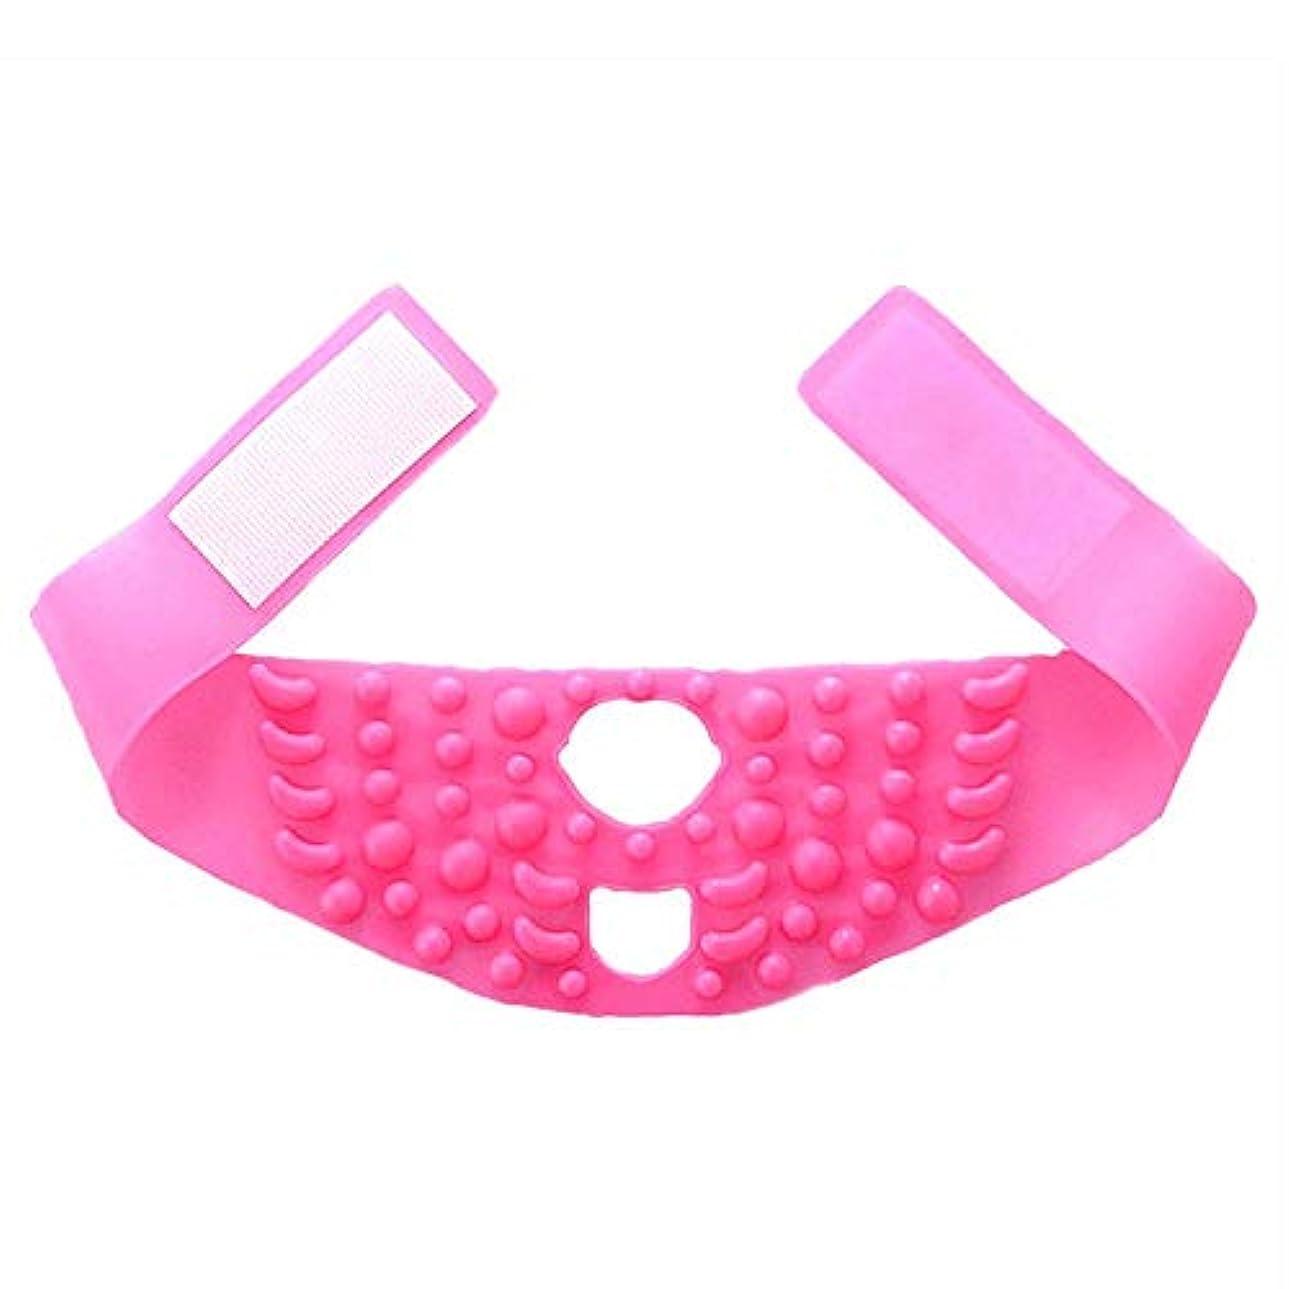 企業仲人合併症Minmin シンフェイスマスクシリコーンマッサージ引き締まった形の小さなVフェイスリフティングに薄いフェイスアーティファクト包帯を飾る - ピンク みんみんVラインフェイスマスク